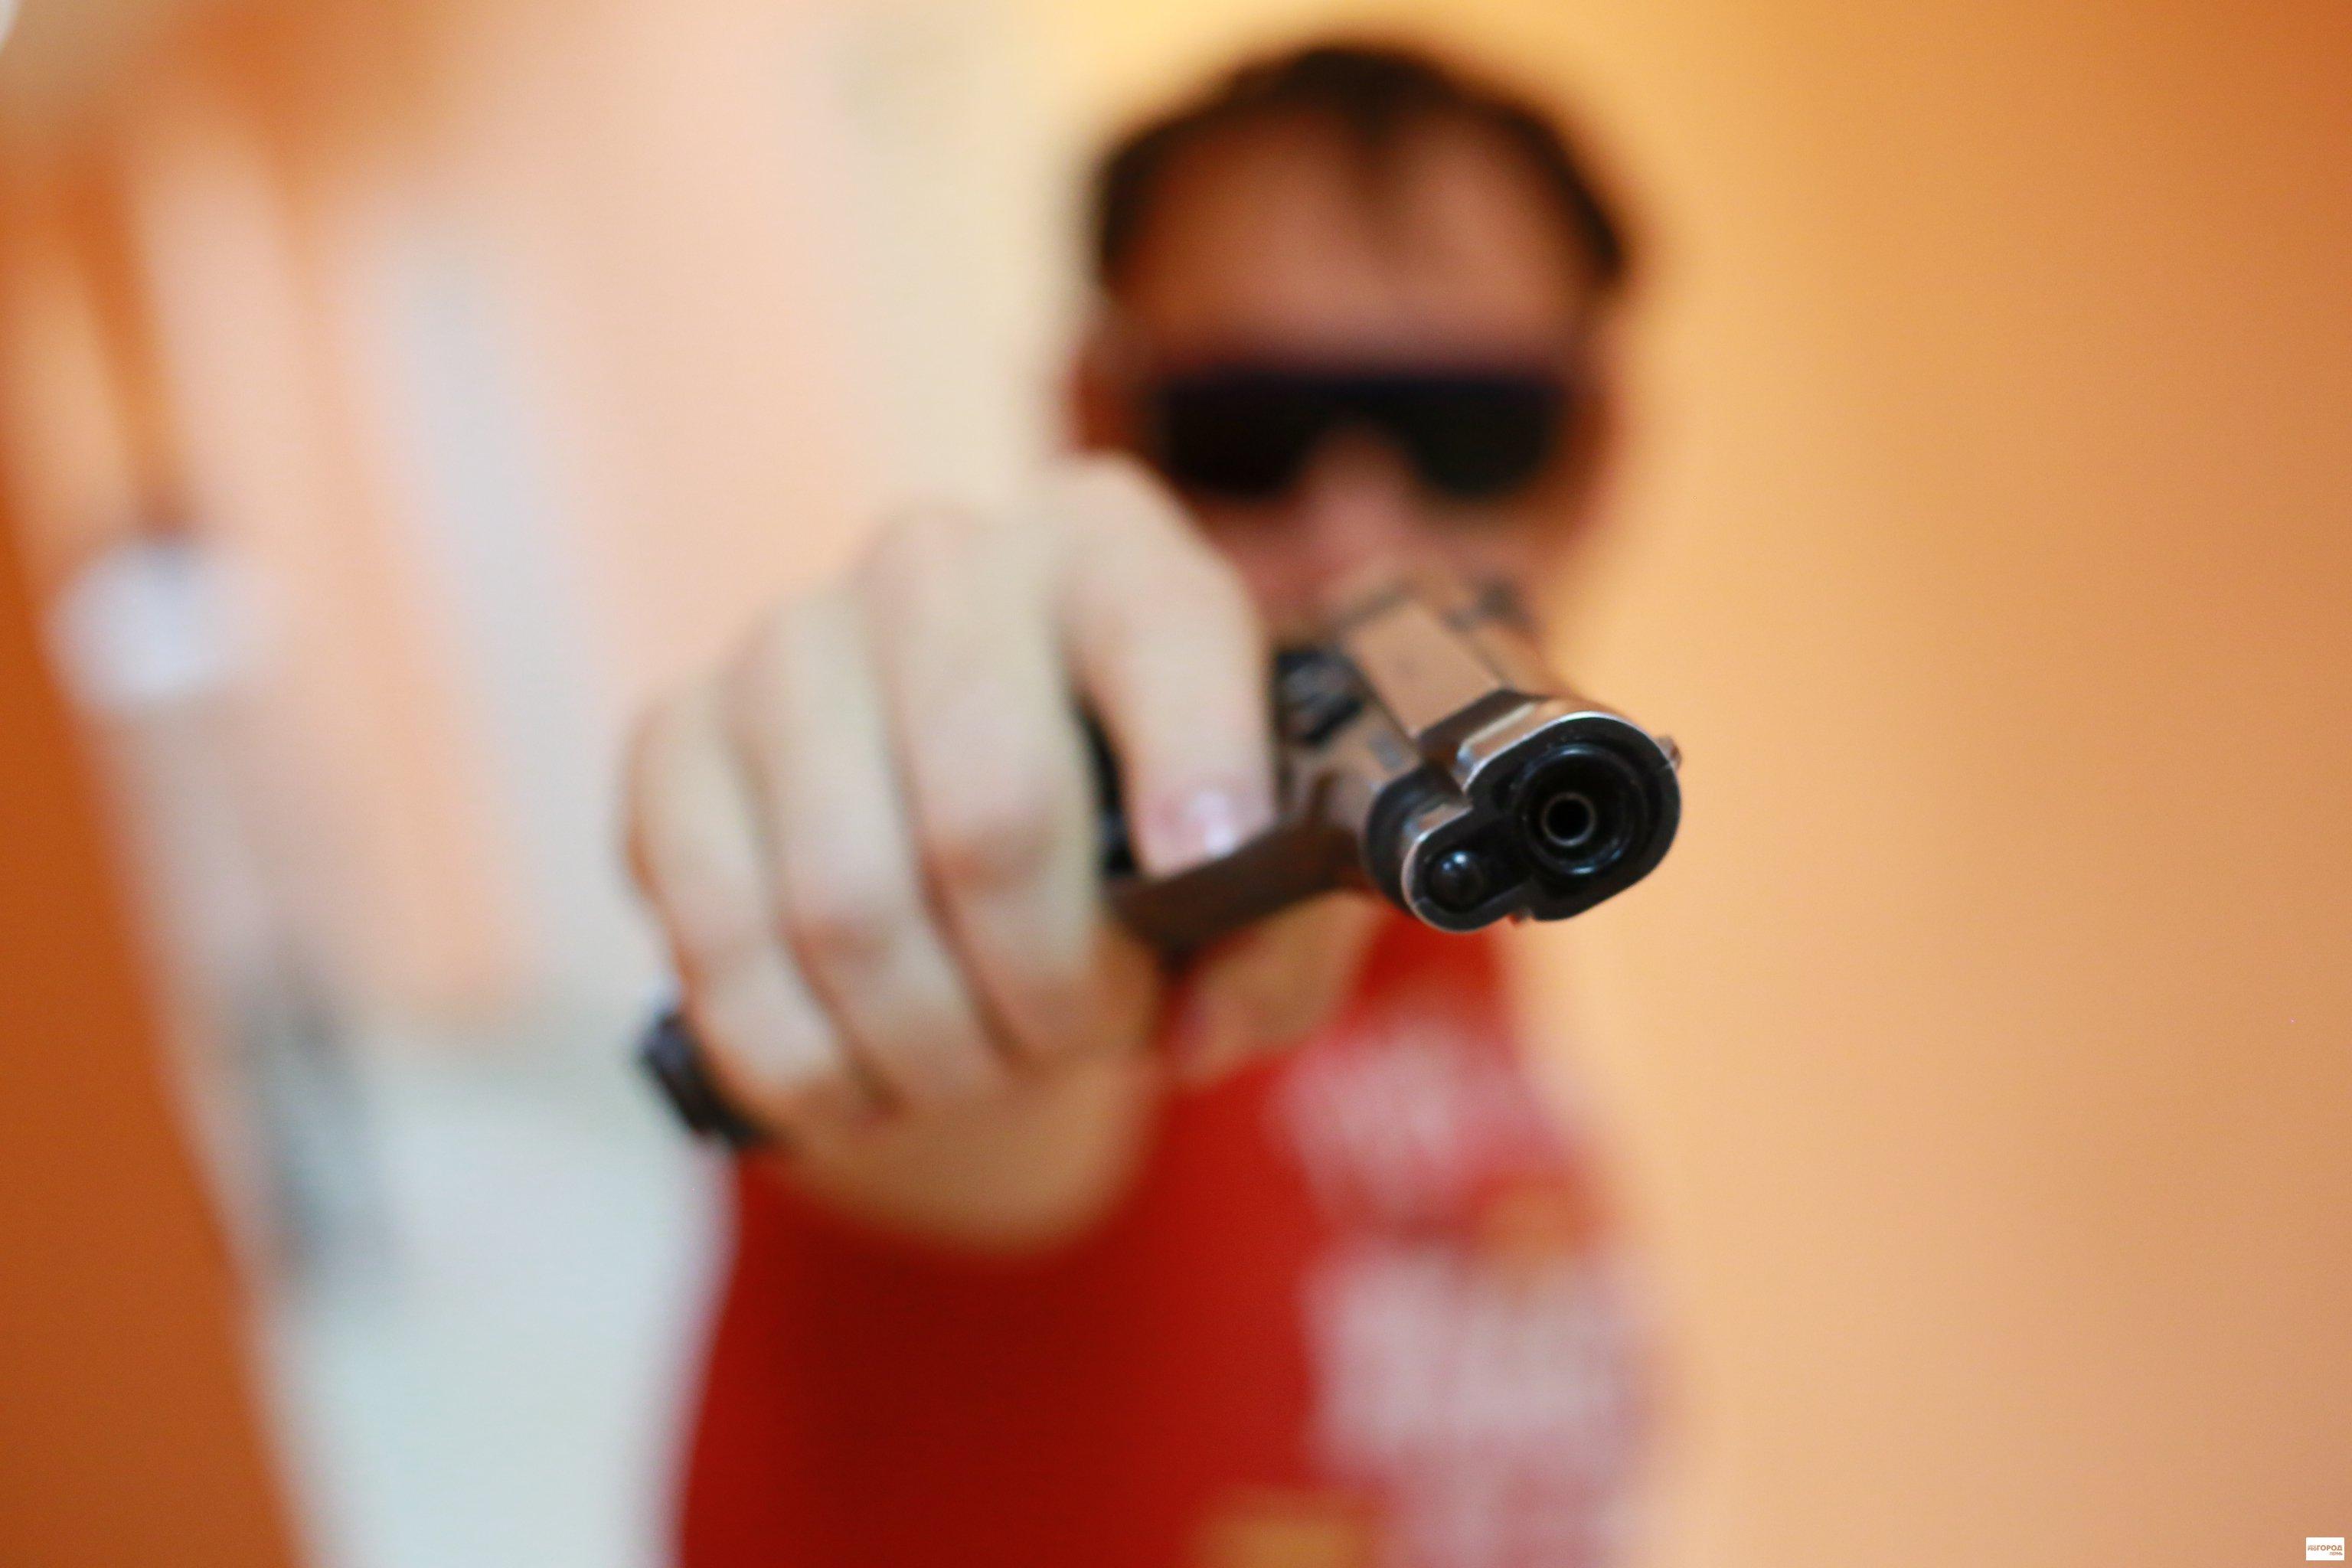 Трахнул угрожая пистолетом 12 фотография